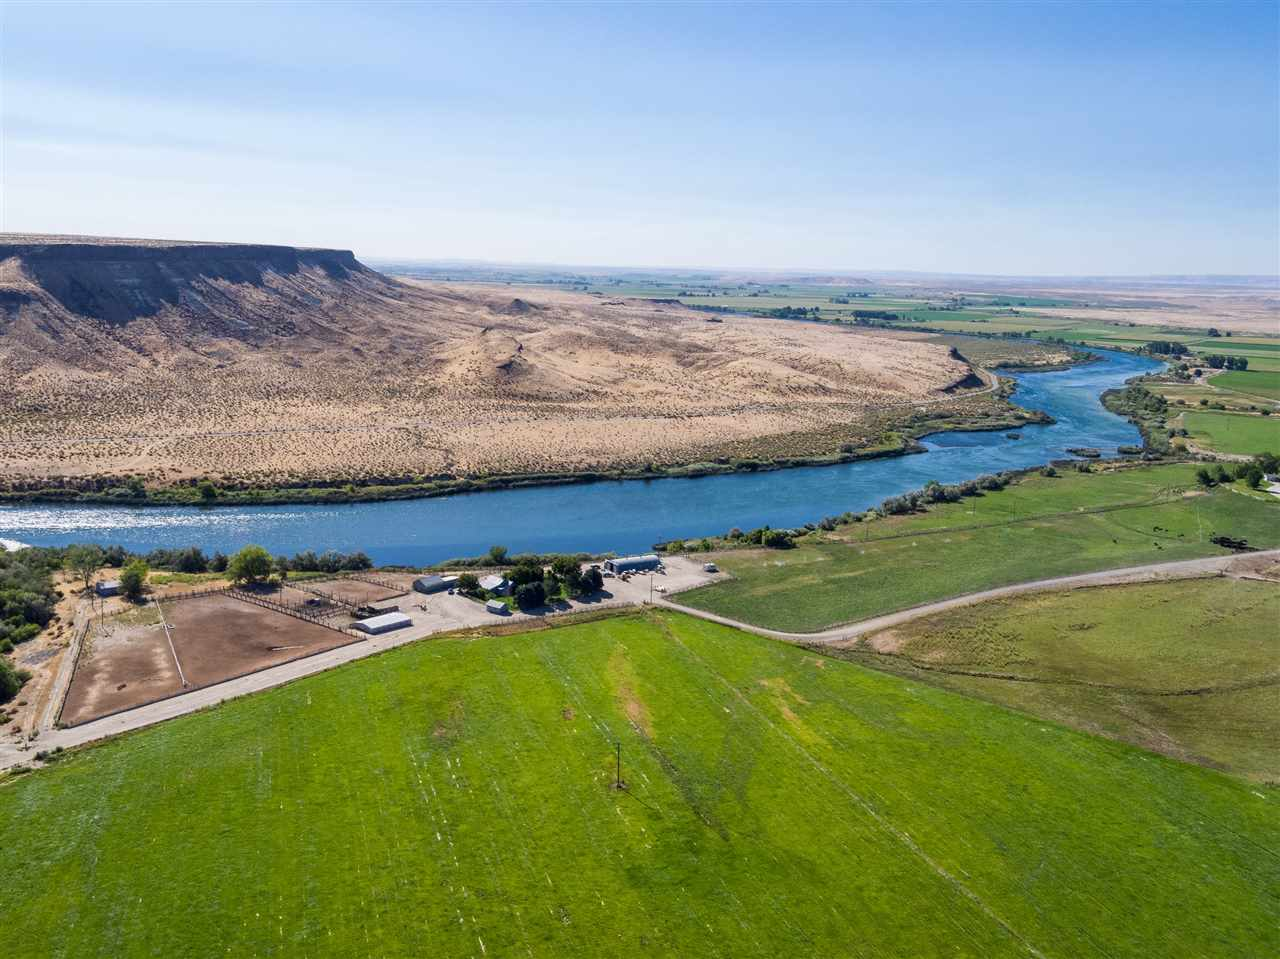 Farm / Ranch for Sale at Bonus Cove Farm Grand View, Idaho 83624